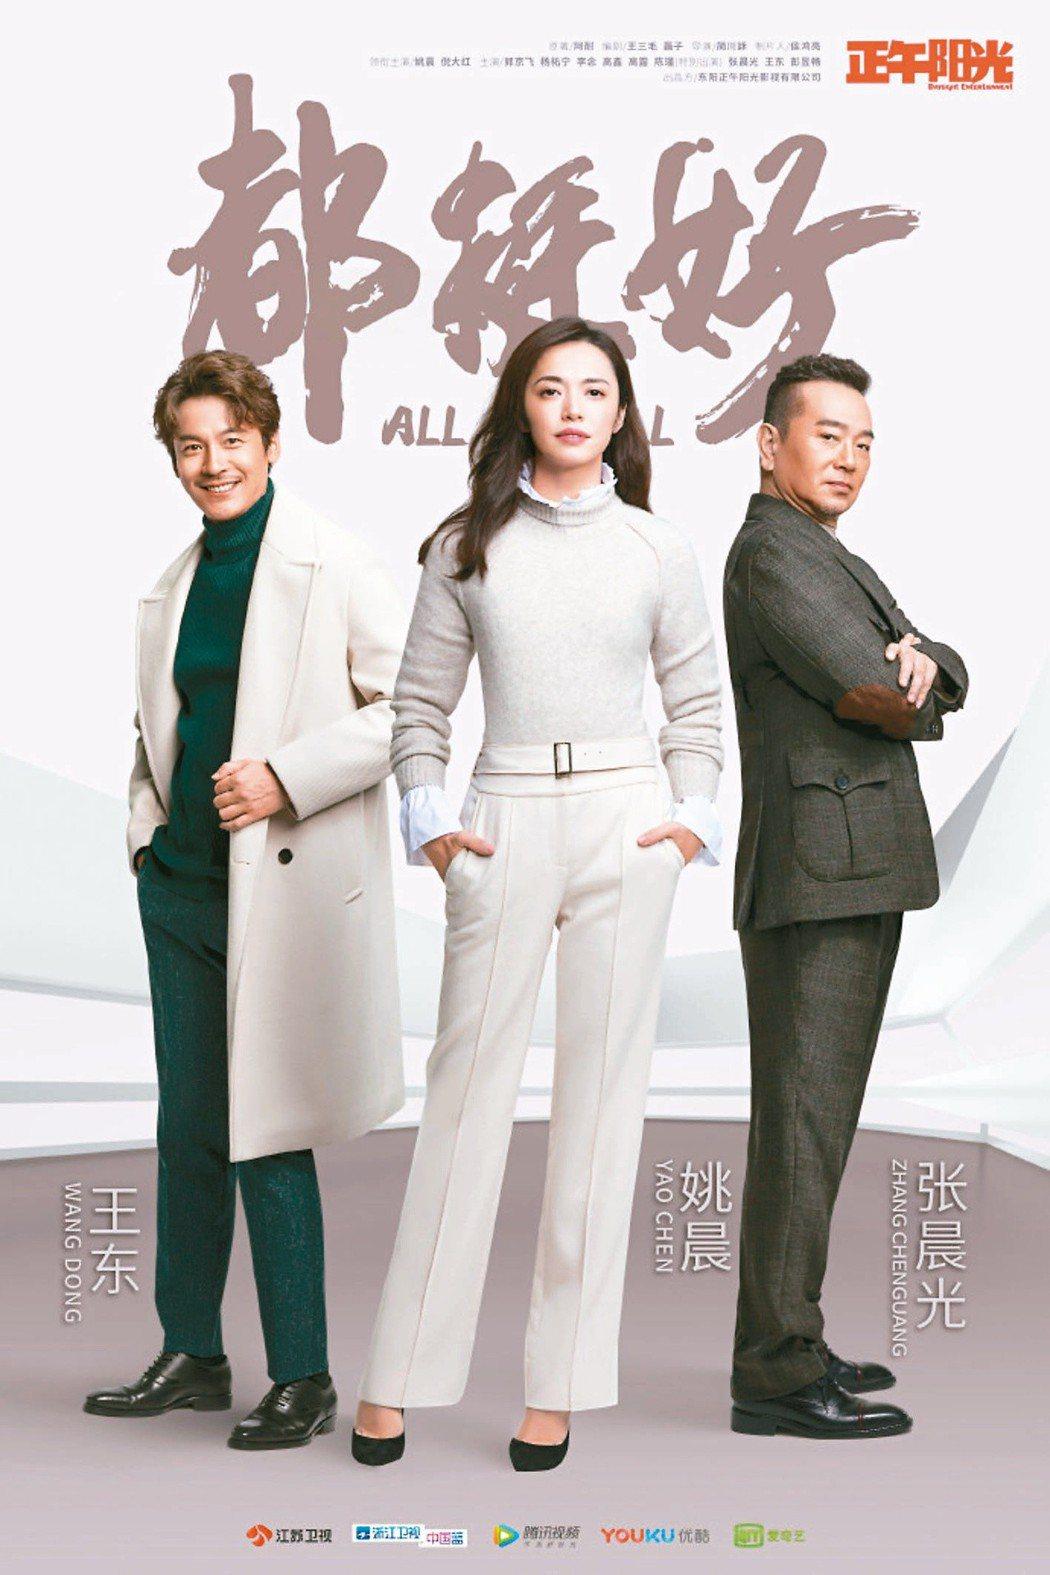 陸劇「都挺好」被譽為現代版的「知否」,張晨光(右)客串演出。圖/摘自微博